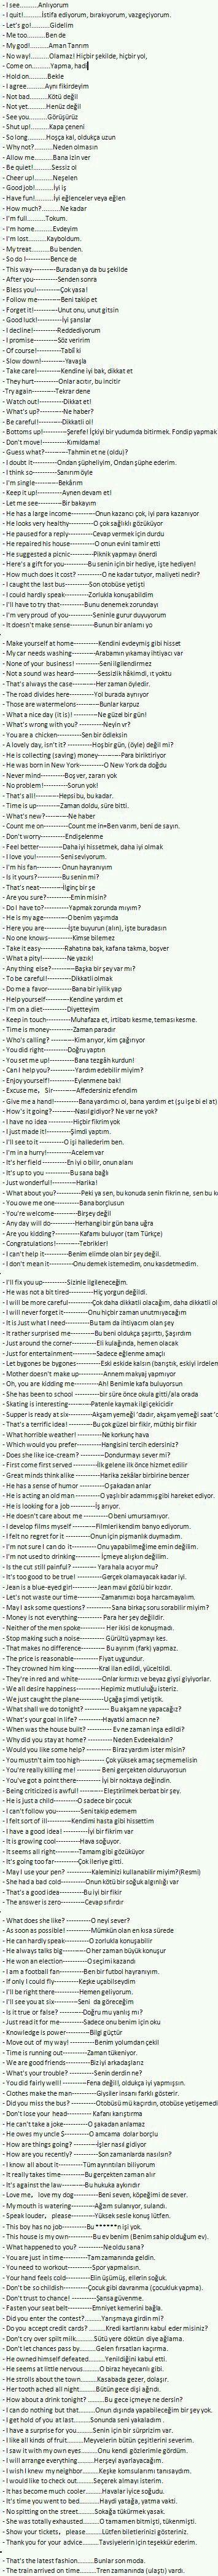 Önemli kısa cümleler